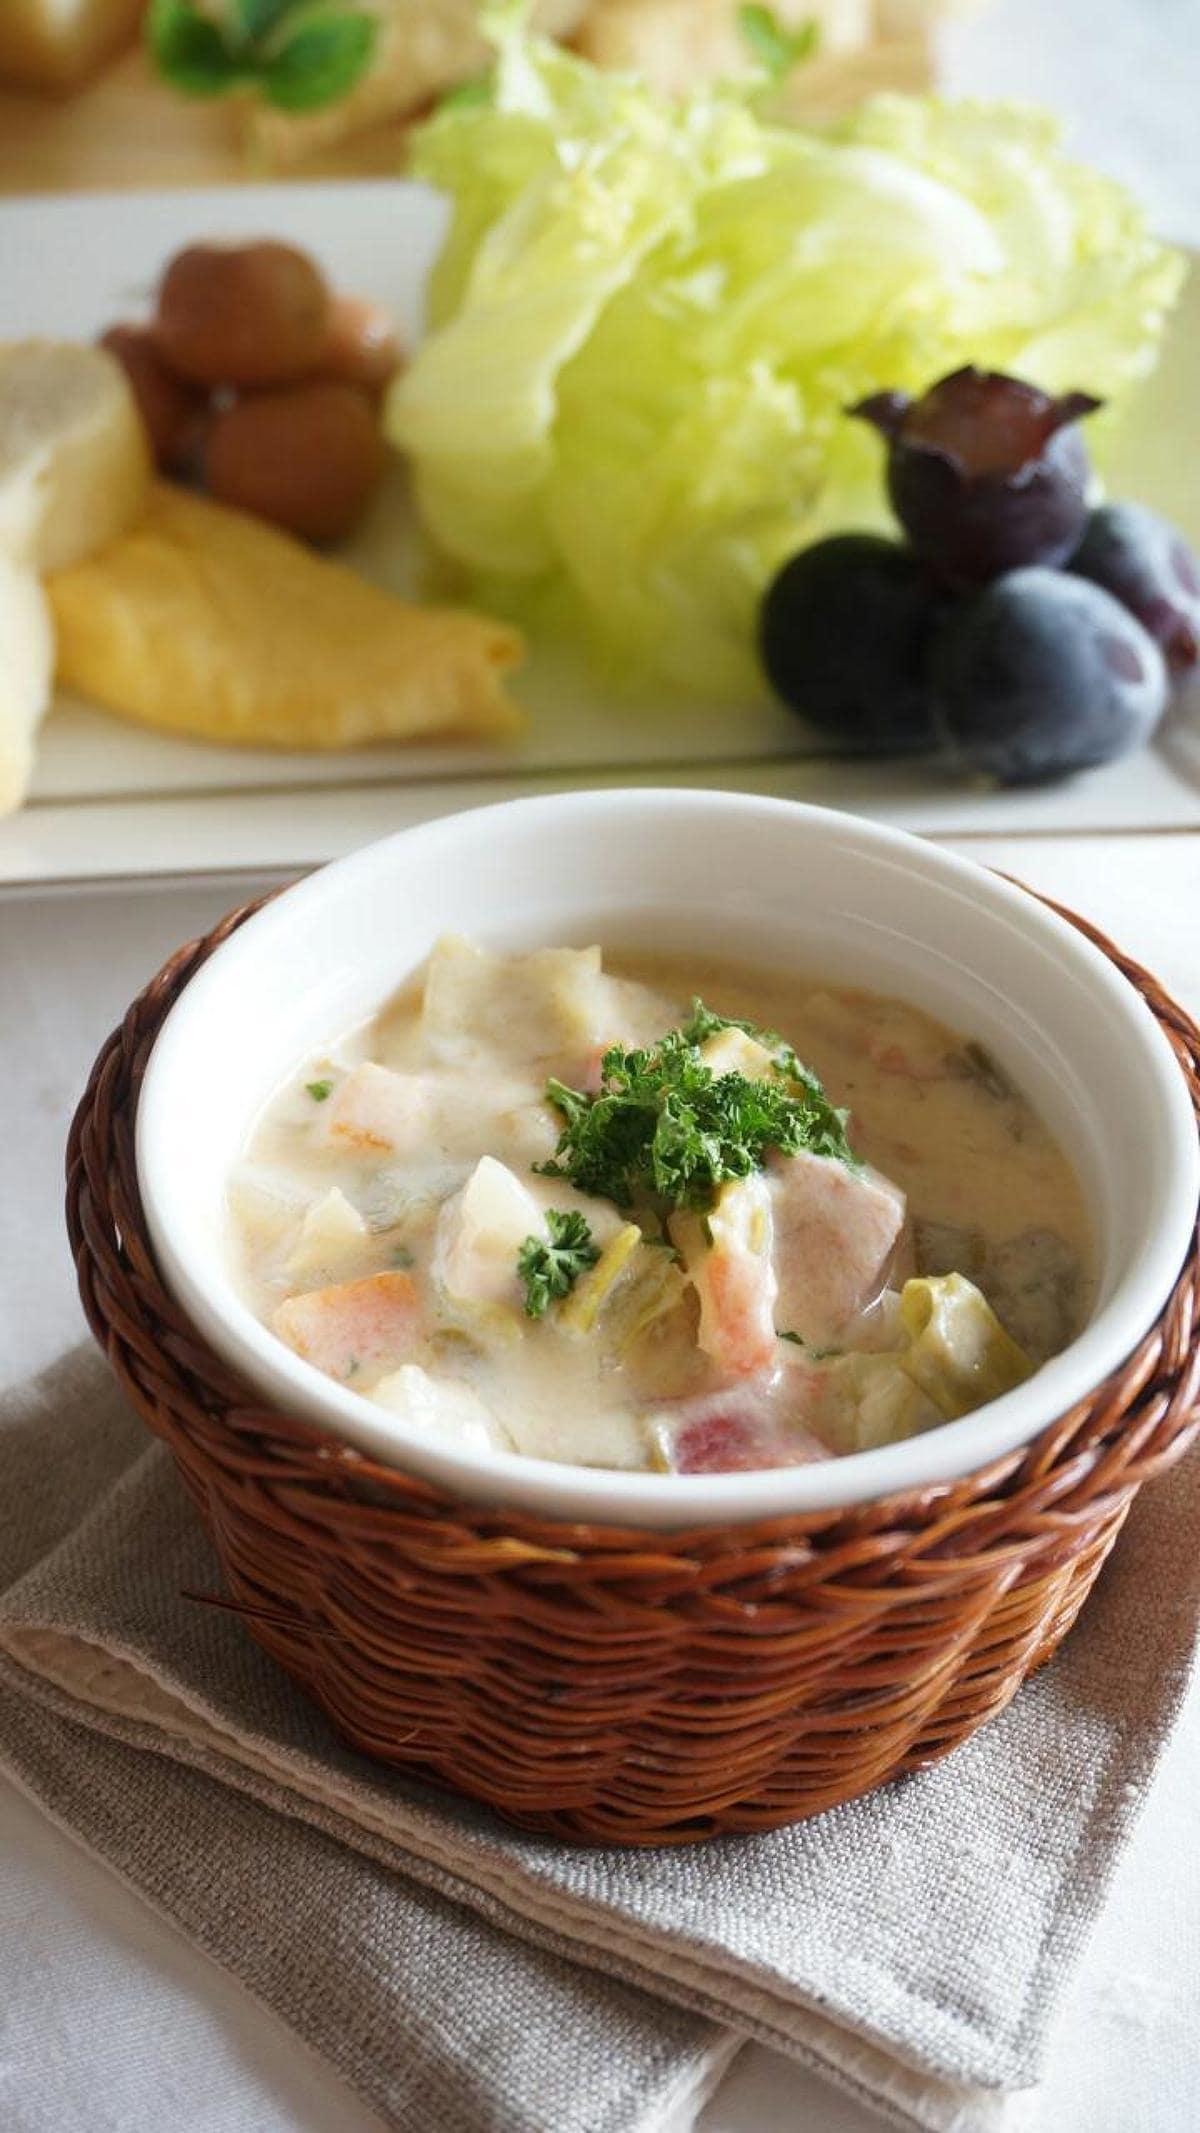 サラっと夏らしく!トマトと野菜の豆乳スープ